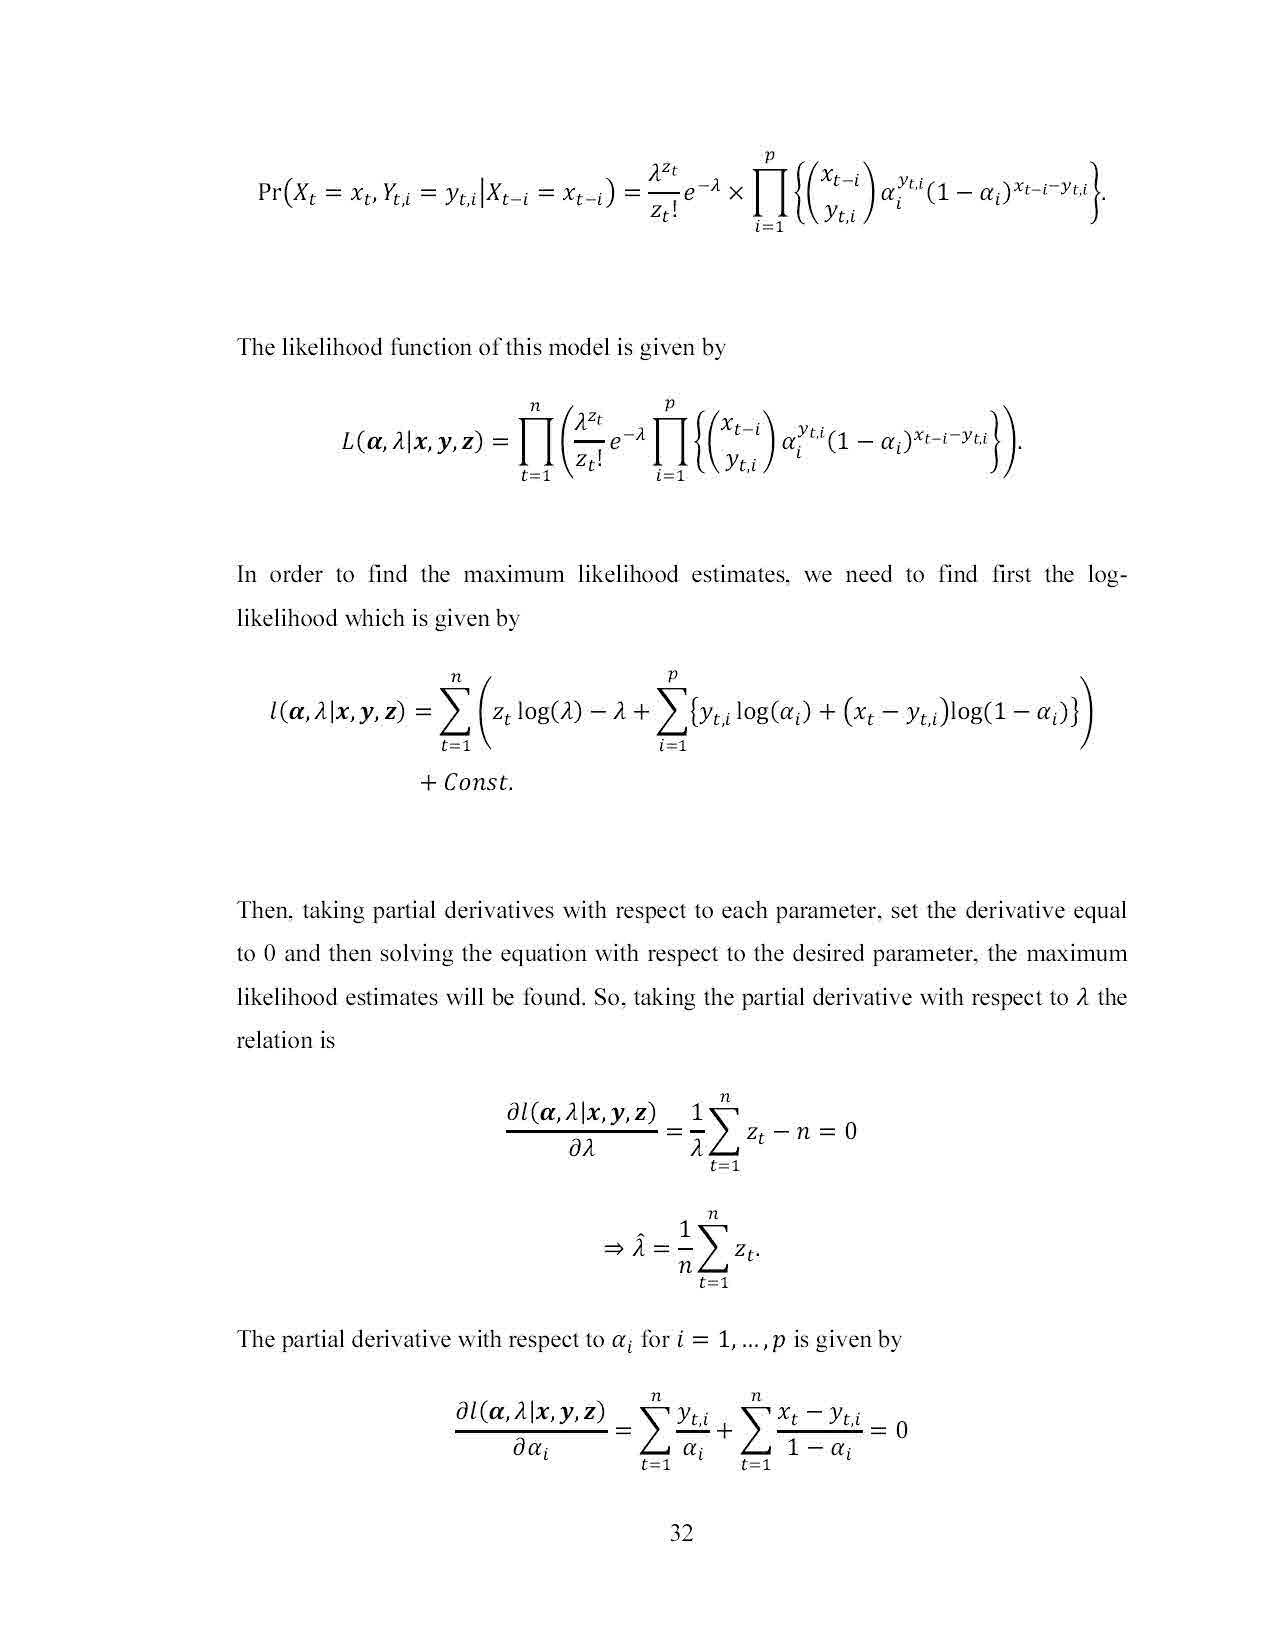 Doctoral Dissertation Help Mathematics